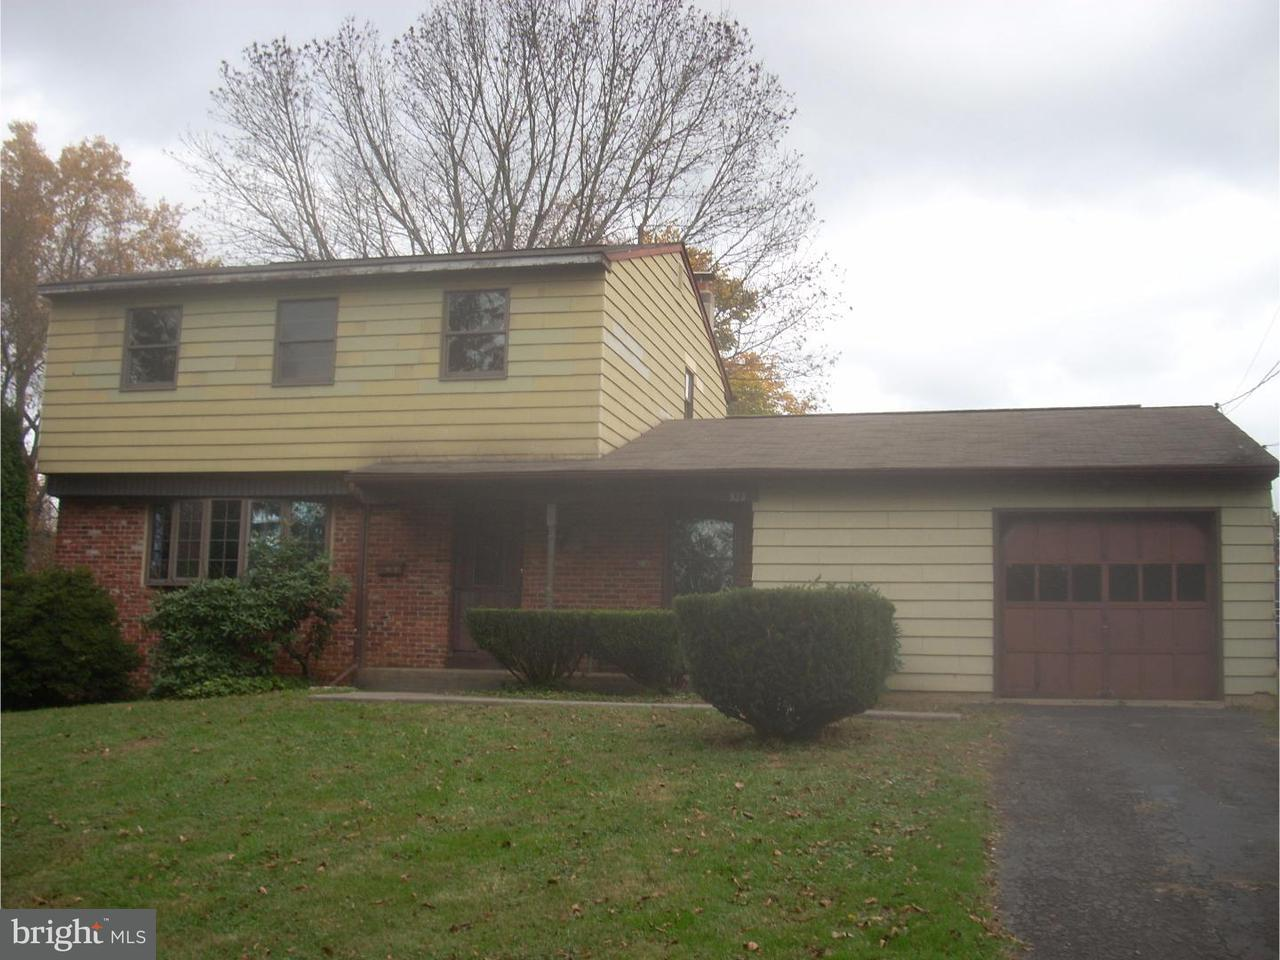 Частный односемейный дом для того Продажа на 823 WALNUT Avenue Hulmeville, Пенсильвания 19047 Соединенные Штаты